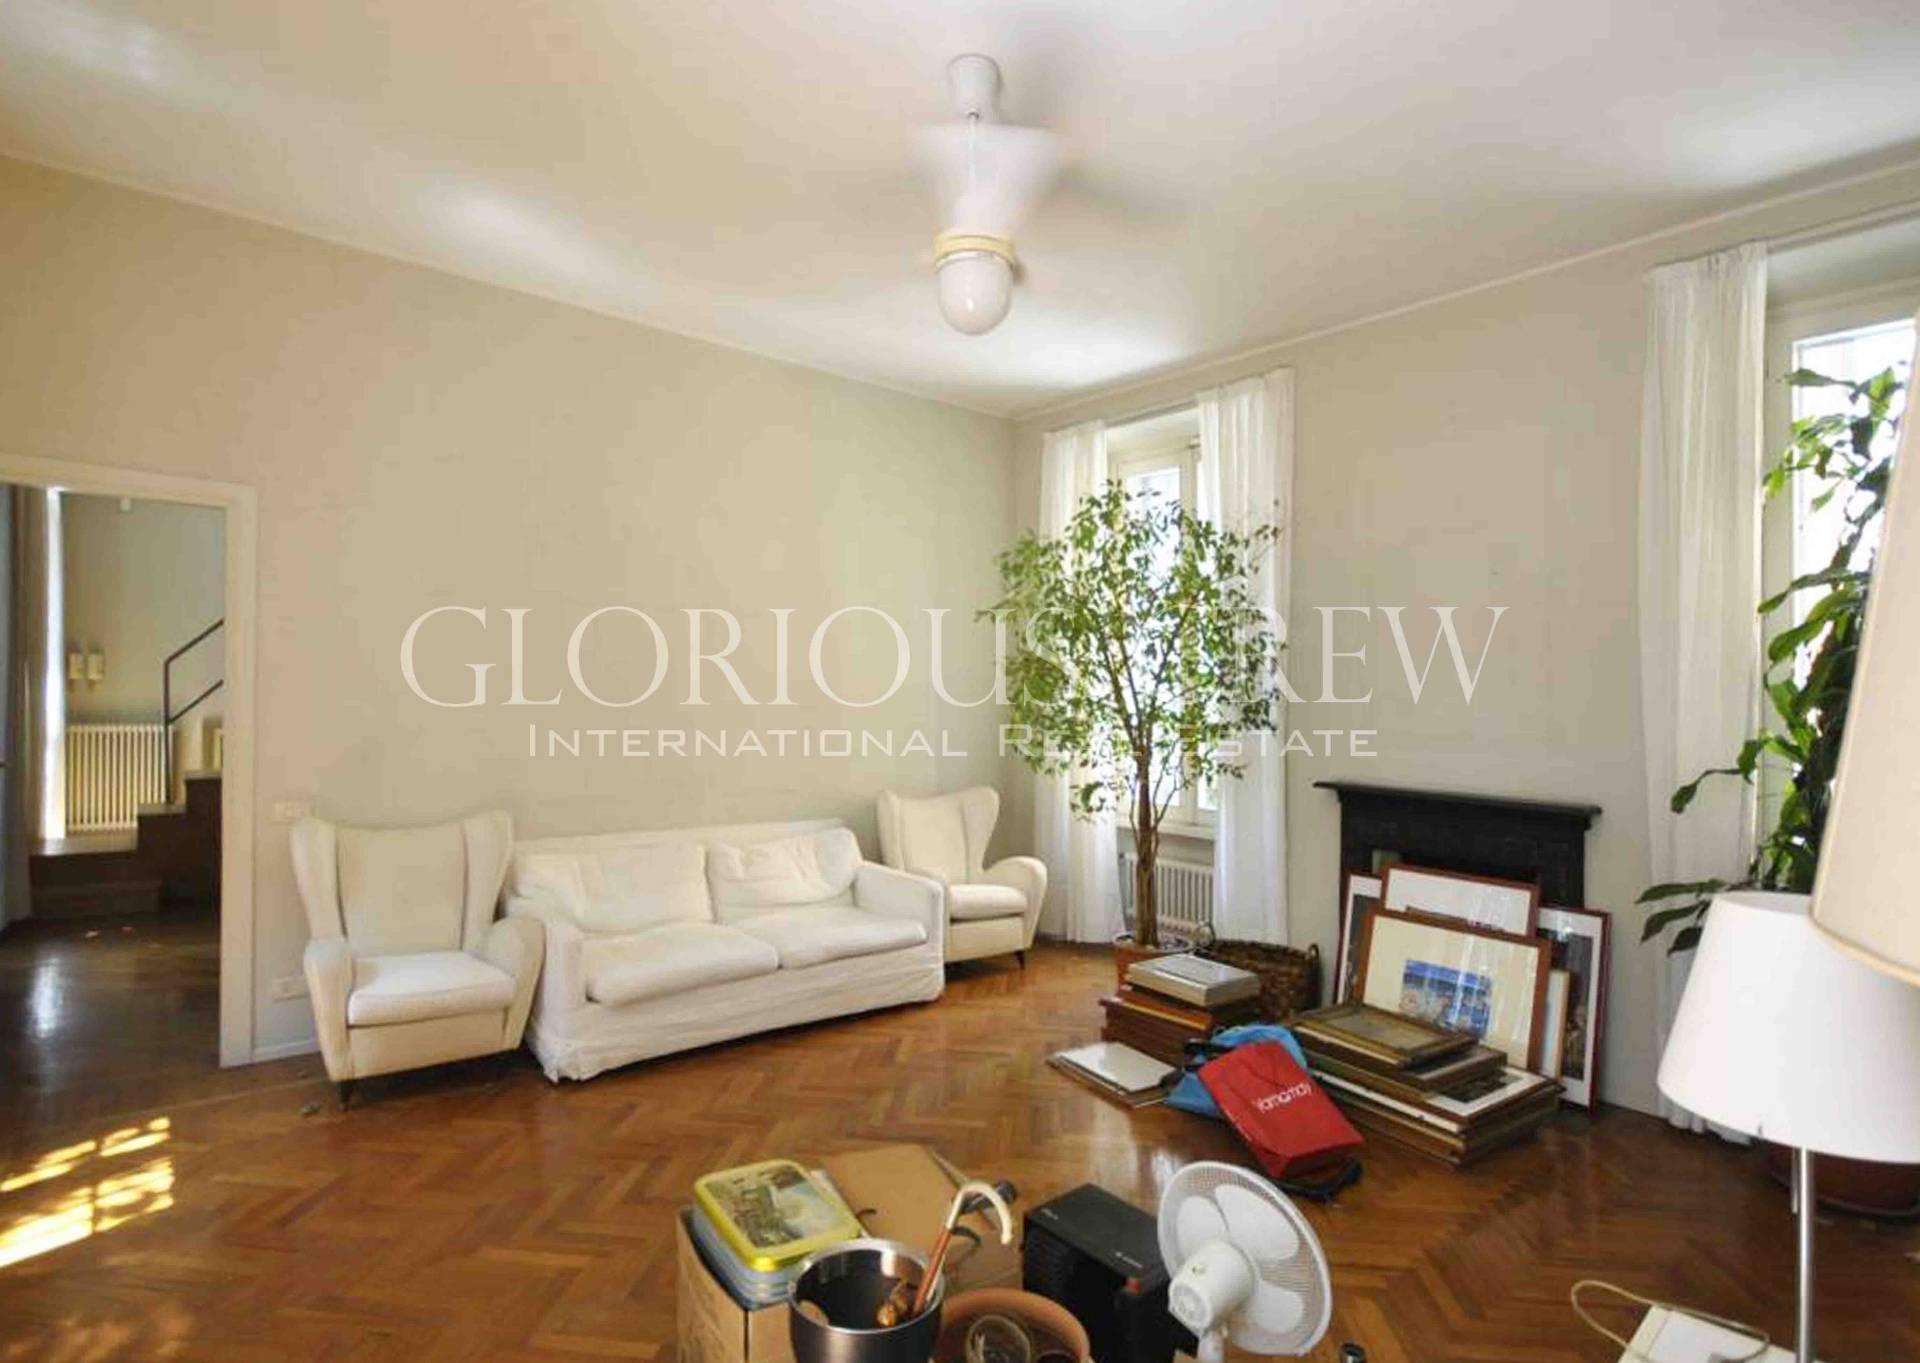 Appartamento in Vendita a Milano 01 Centro storico (Cerchia dei Navigli):  3 locali, 160 mq  - Foto 1